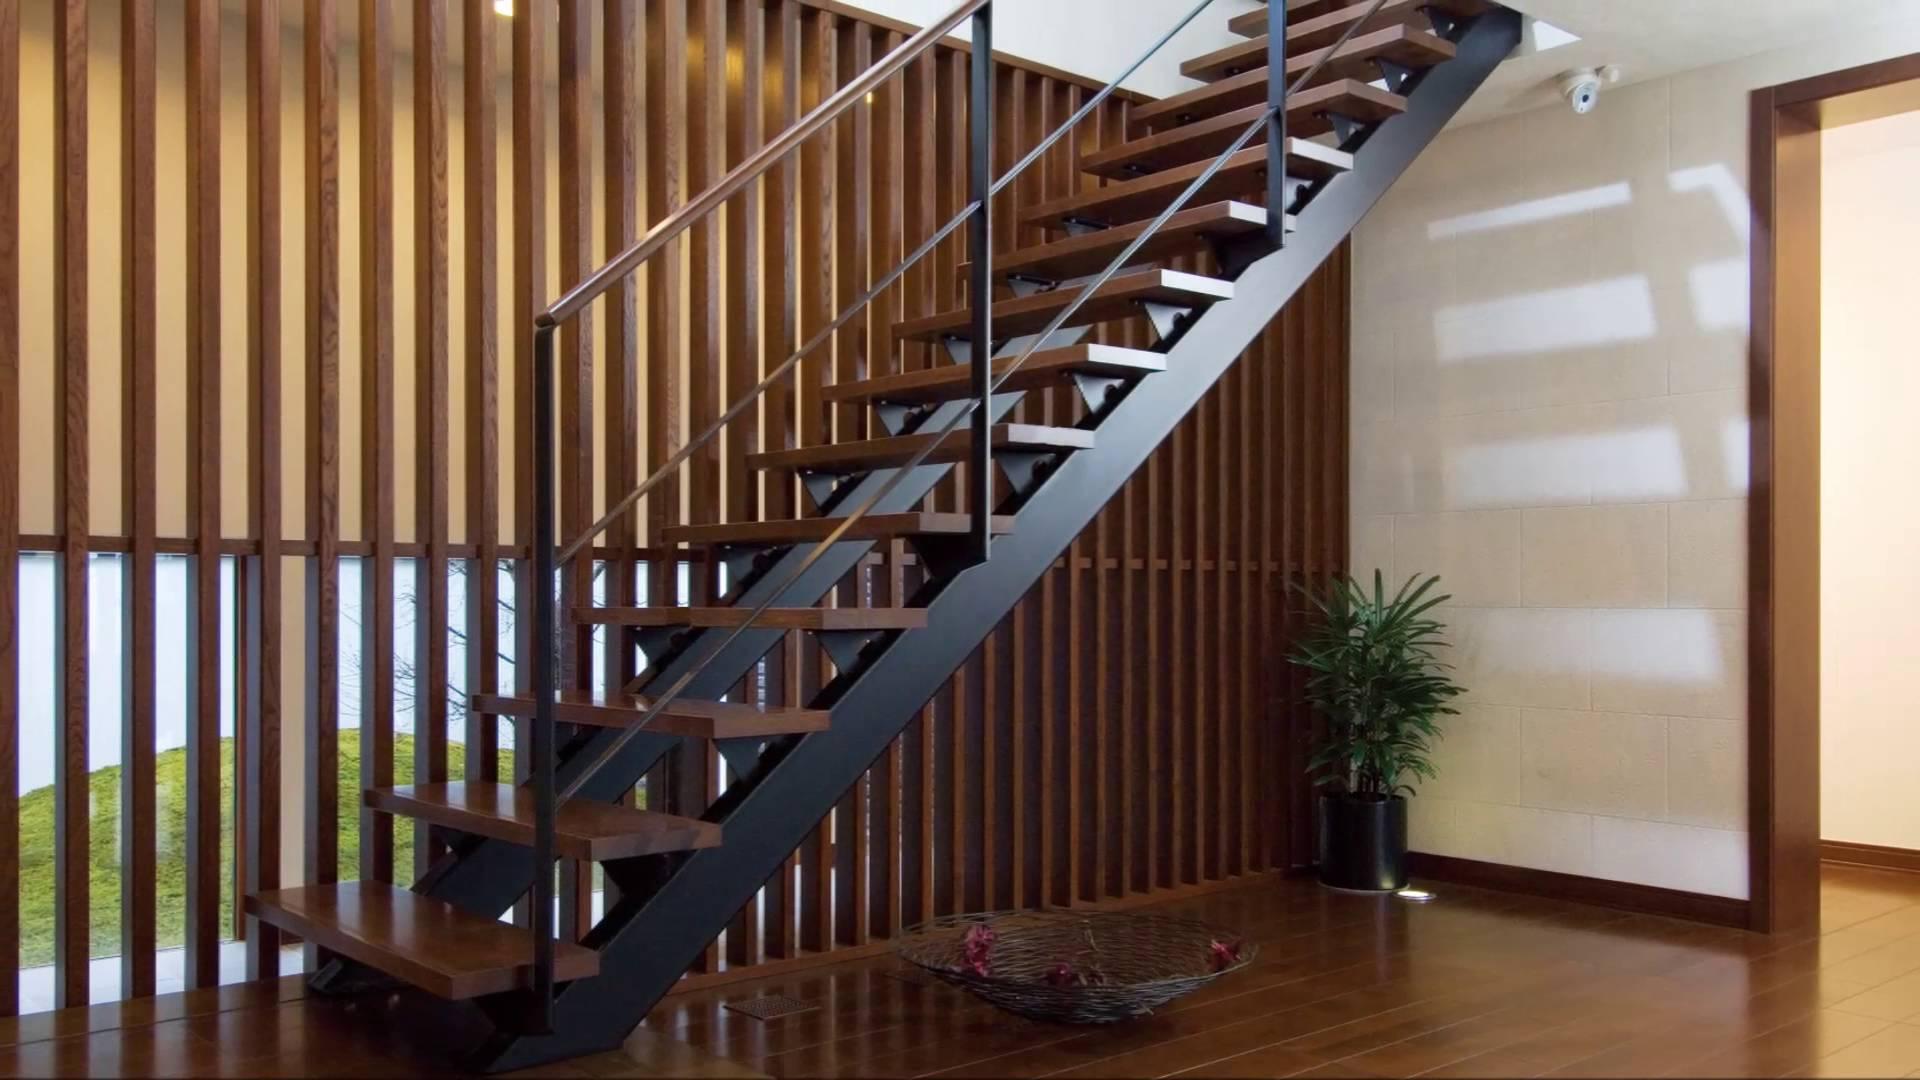 Chất liệu gỗ sồi, gỗ óc chó, gỗ xoan là những chất liệu góp phần làm nên độ bền cho cầu thang gỗ tự nhiên